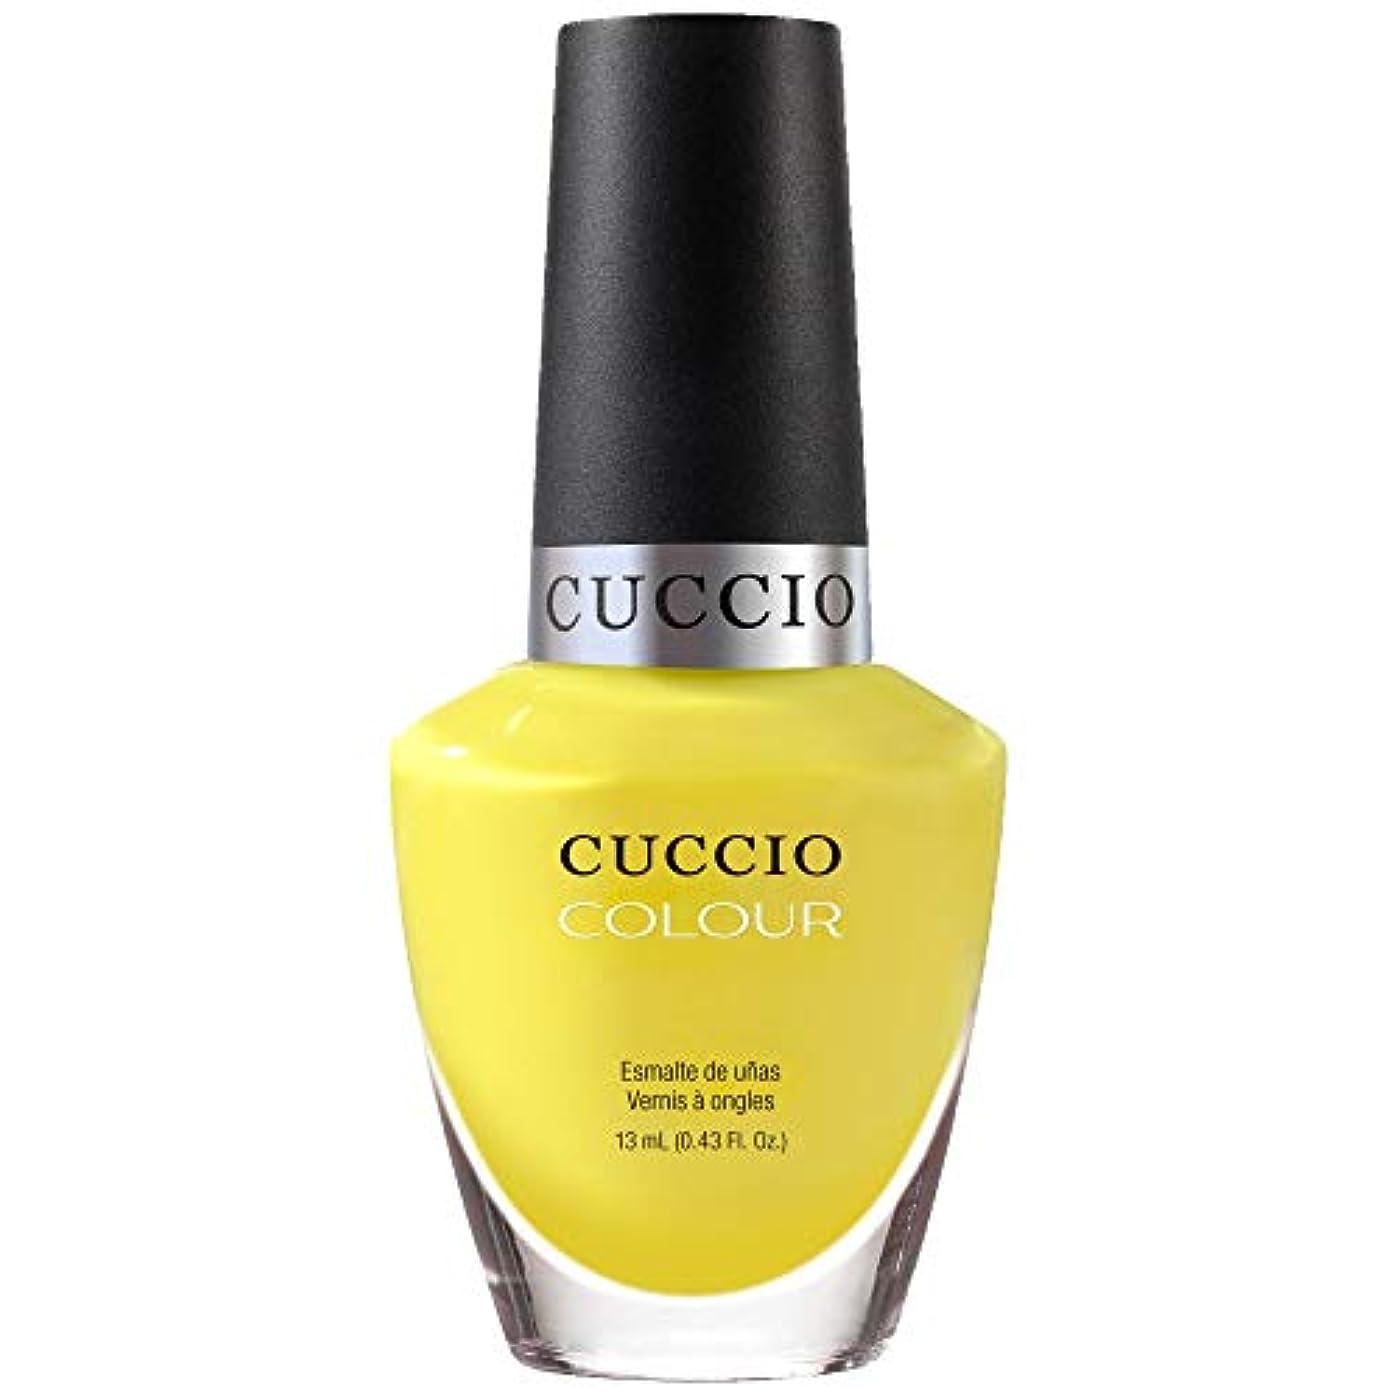 Cuccio Colour Gloss Lacquer - Lemon Drop Me A Line - 0.43oz / 13ml